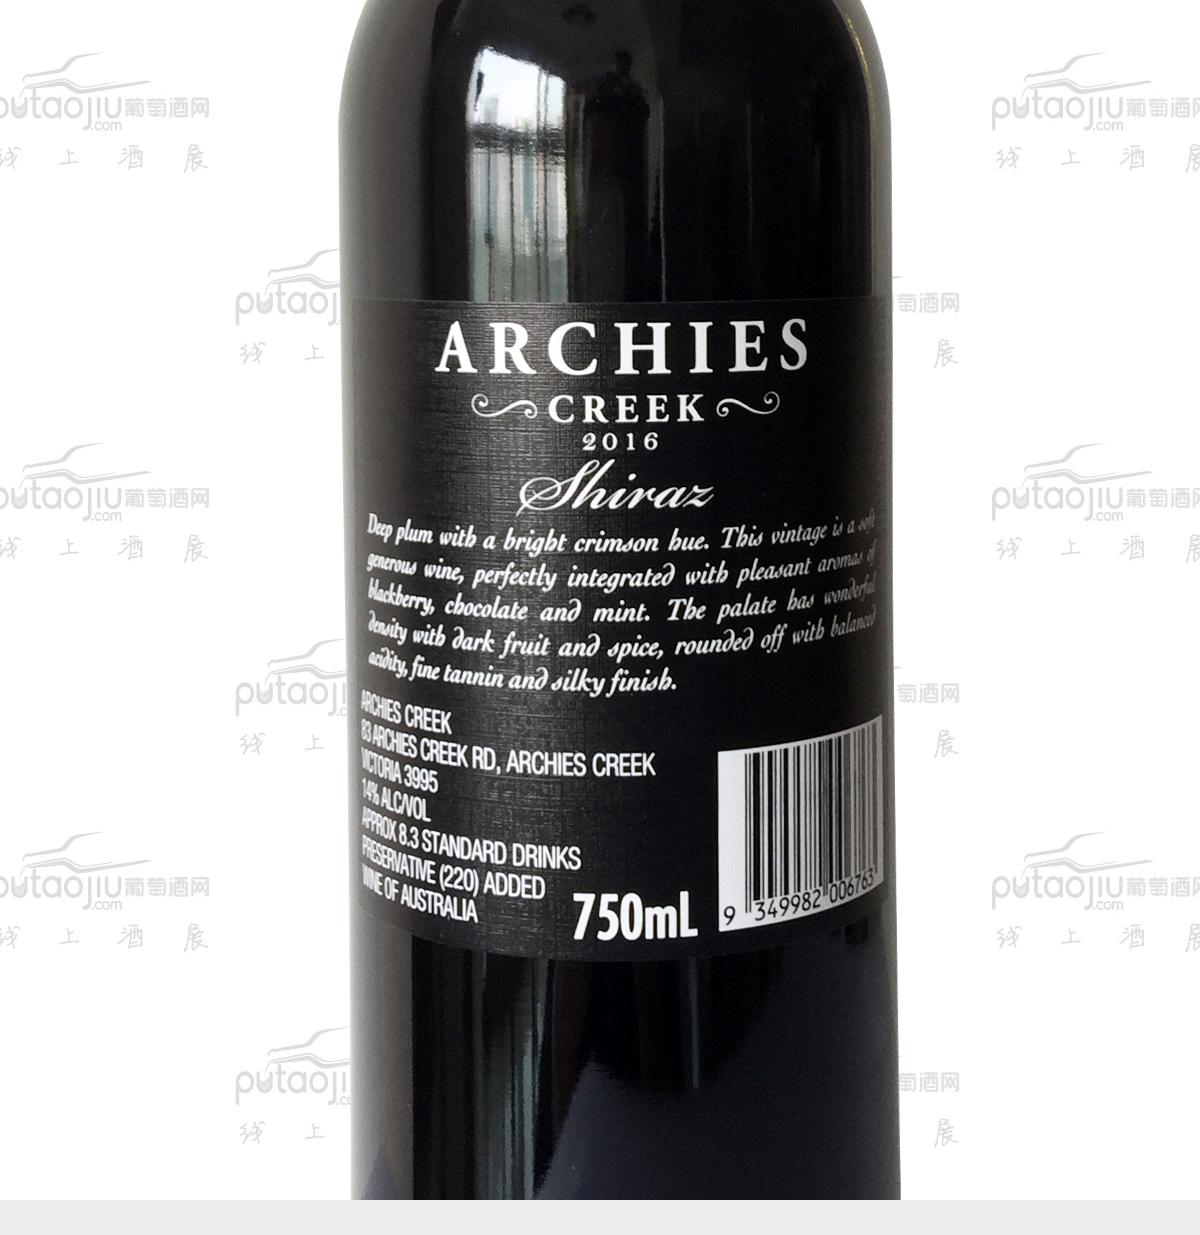 澳大利亚南澳古口一百号酒庄企鹅红标西拉精选干红葡萄酒